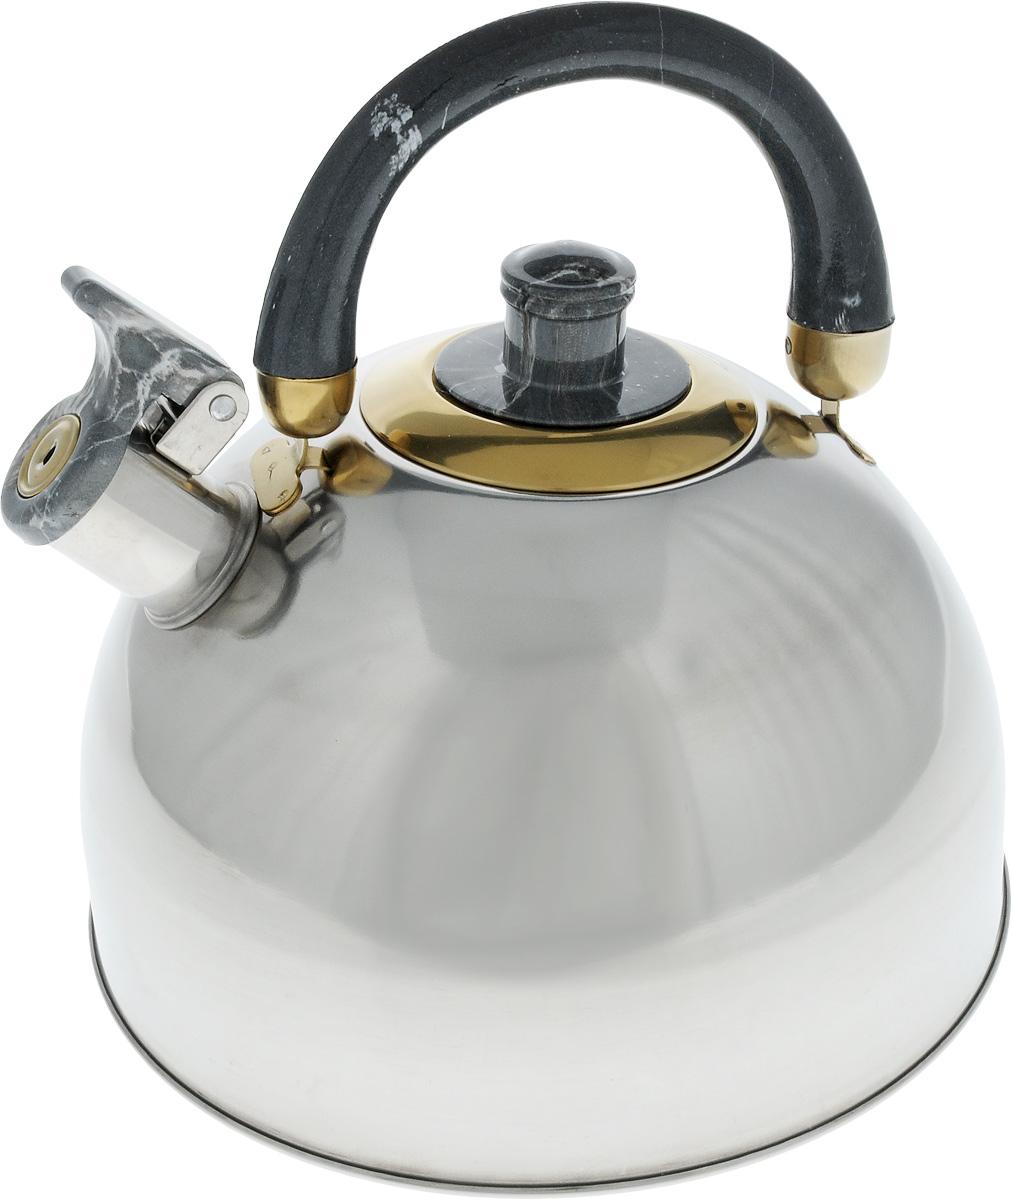 Чайник Bohmann Lite со свистком, цвет: темно-серый, 4,5 л643BHLЧайник Bohmann Lite изготовлен из коррозионностойкой стали с зеркальной полировкой. Это материал, зарекомендовавший себя как идеально подходящий для изготовления кухонной посуды, столовых приборов и аксессуаров. Прочность, надежность, стойкость к кислотам и привлекательный внешний вид - основные свойства этого материала. Подвижная ручка, выполненная из термостойкого пластика под мрамор, обеспечивает комфортную эксплуатацию. Носик чайника оборудован свистком, который громким сигналом оповестит о закипании воды. Серия Lite - это посуда из стали, легкая и экономичная. Доступна для широкого круга потребителей, оптимальна по цене и качеству. Подходит для любой кухни, привлекательна по своим характеристикам, цене и практичности. Чайник подходит для электрических, газовых и стеклокерамических плит. Изделие можно мыть в посудомоечной машине. Диаметр (по верхнему краю): 8,5 см. Диаметр основания: 22 см. ...